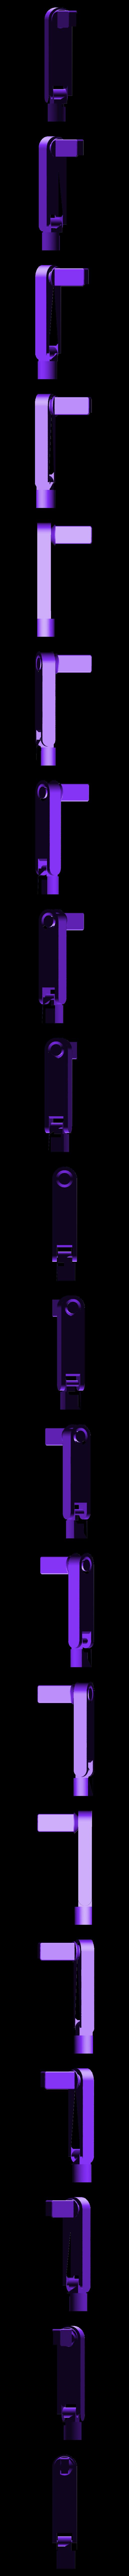 hinged-crank.stl Télécharger fichier STL gratuit Manivelle d'impression en place pour codeur rotatif • Plan imprimable en 3D, Adafruit